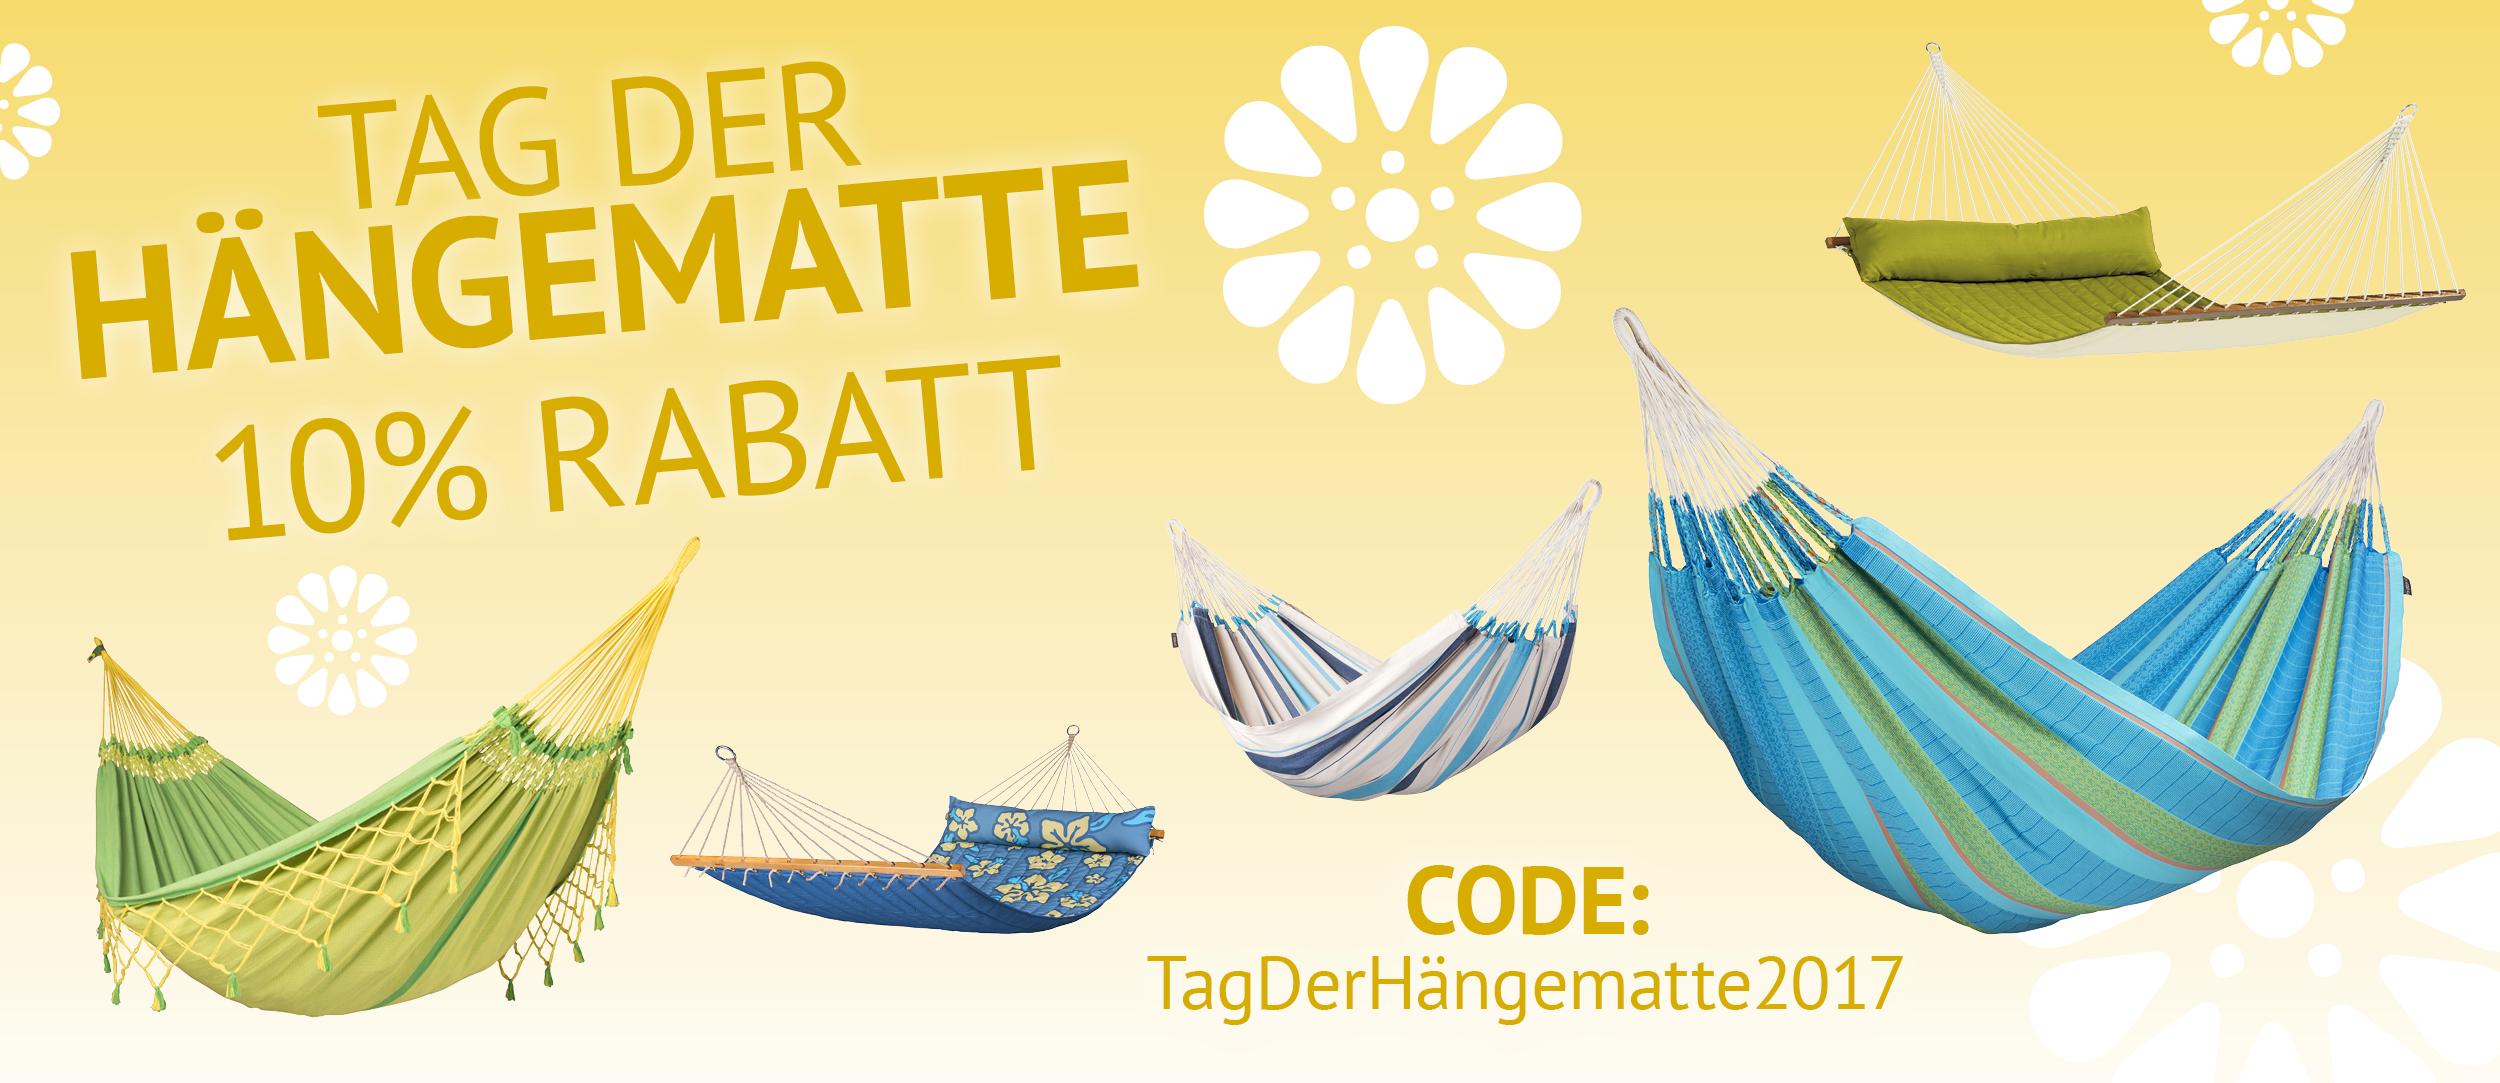 10% Rabatt auf ALLE Hängematten und Zubehör bei Hängematte.de